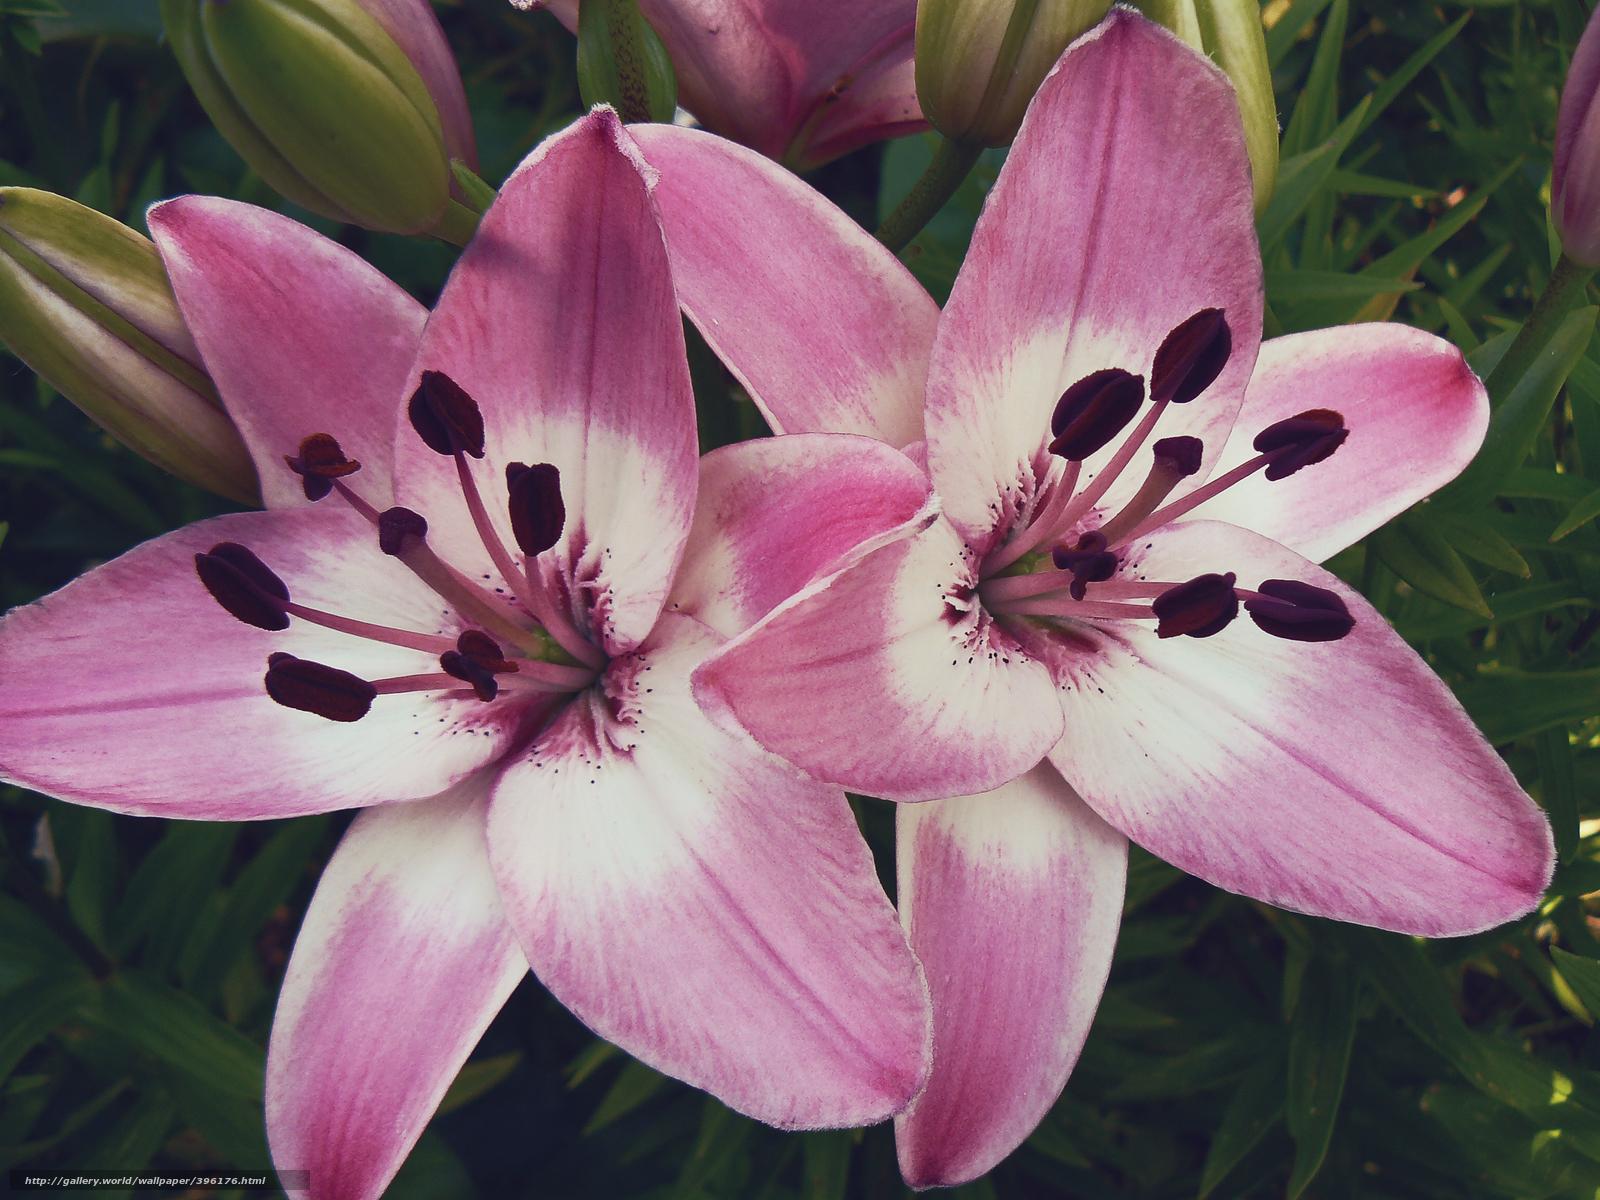 картинки цветок лилия: